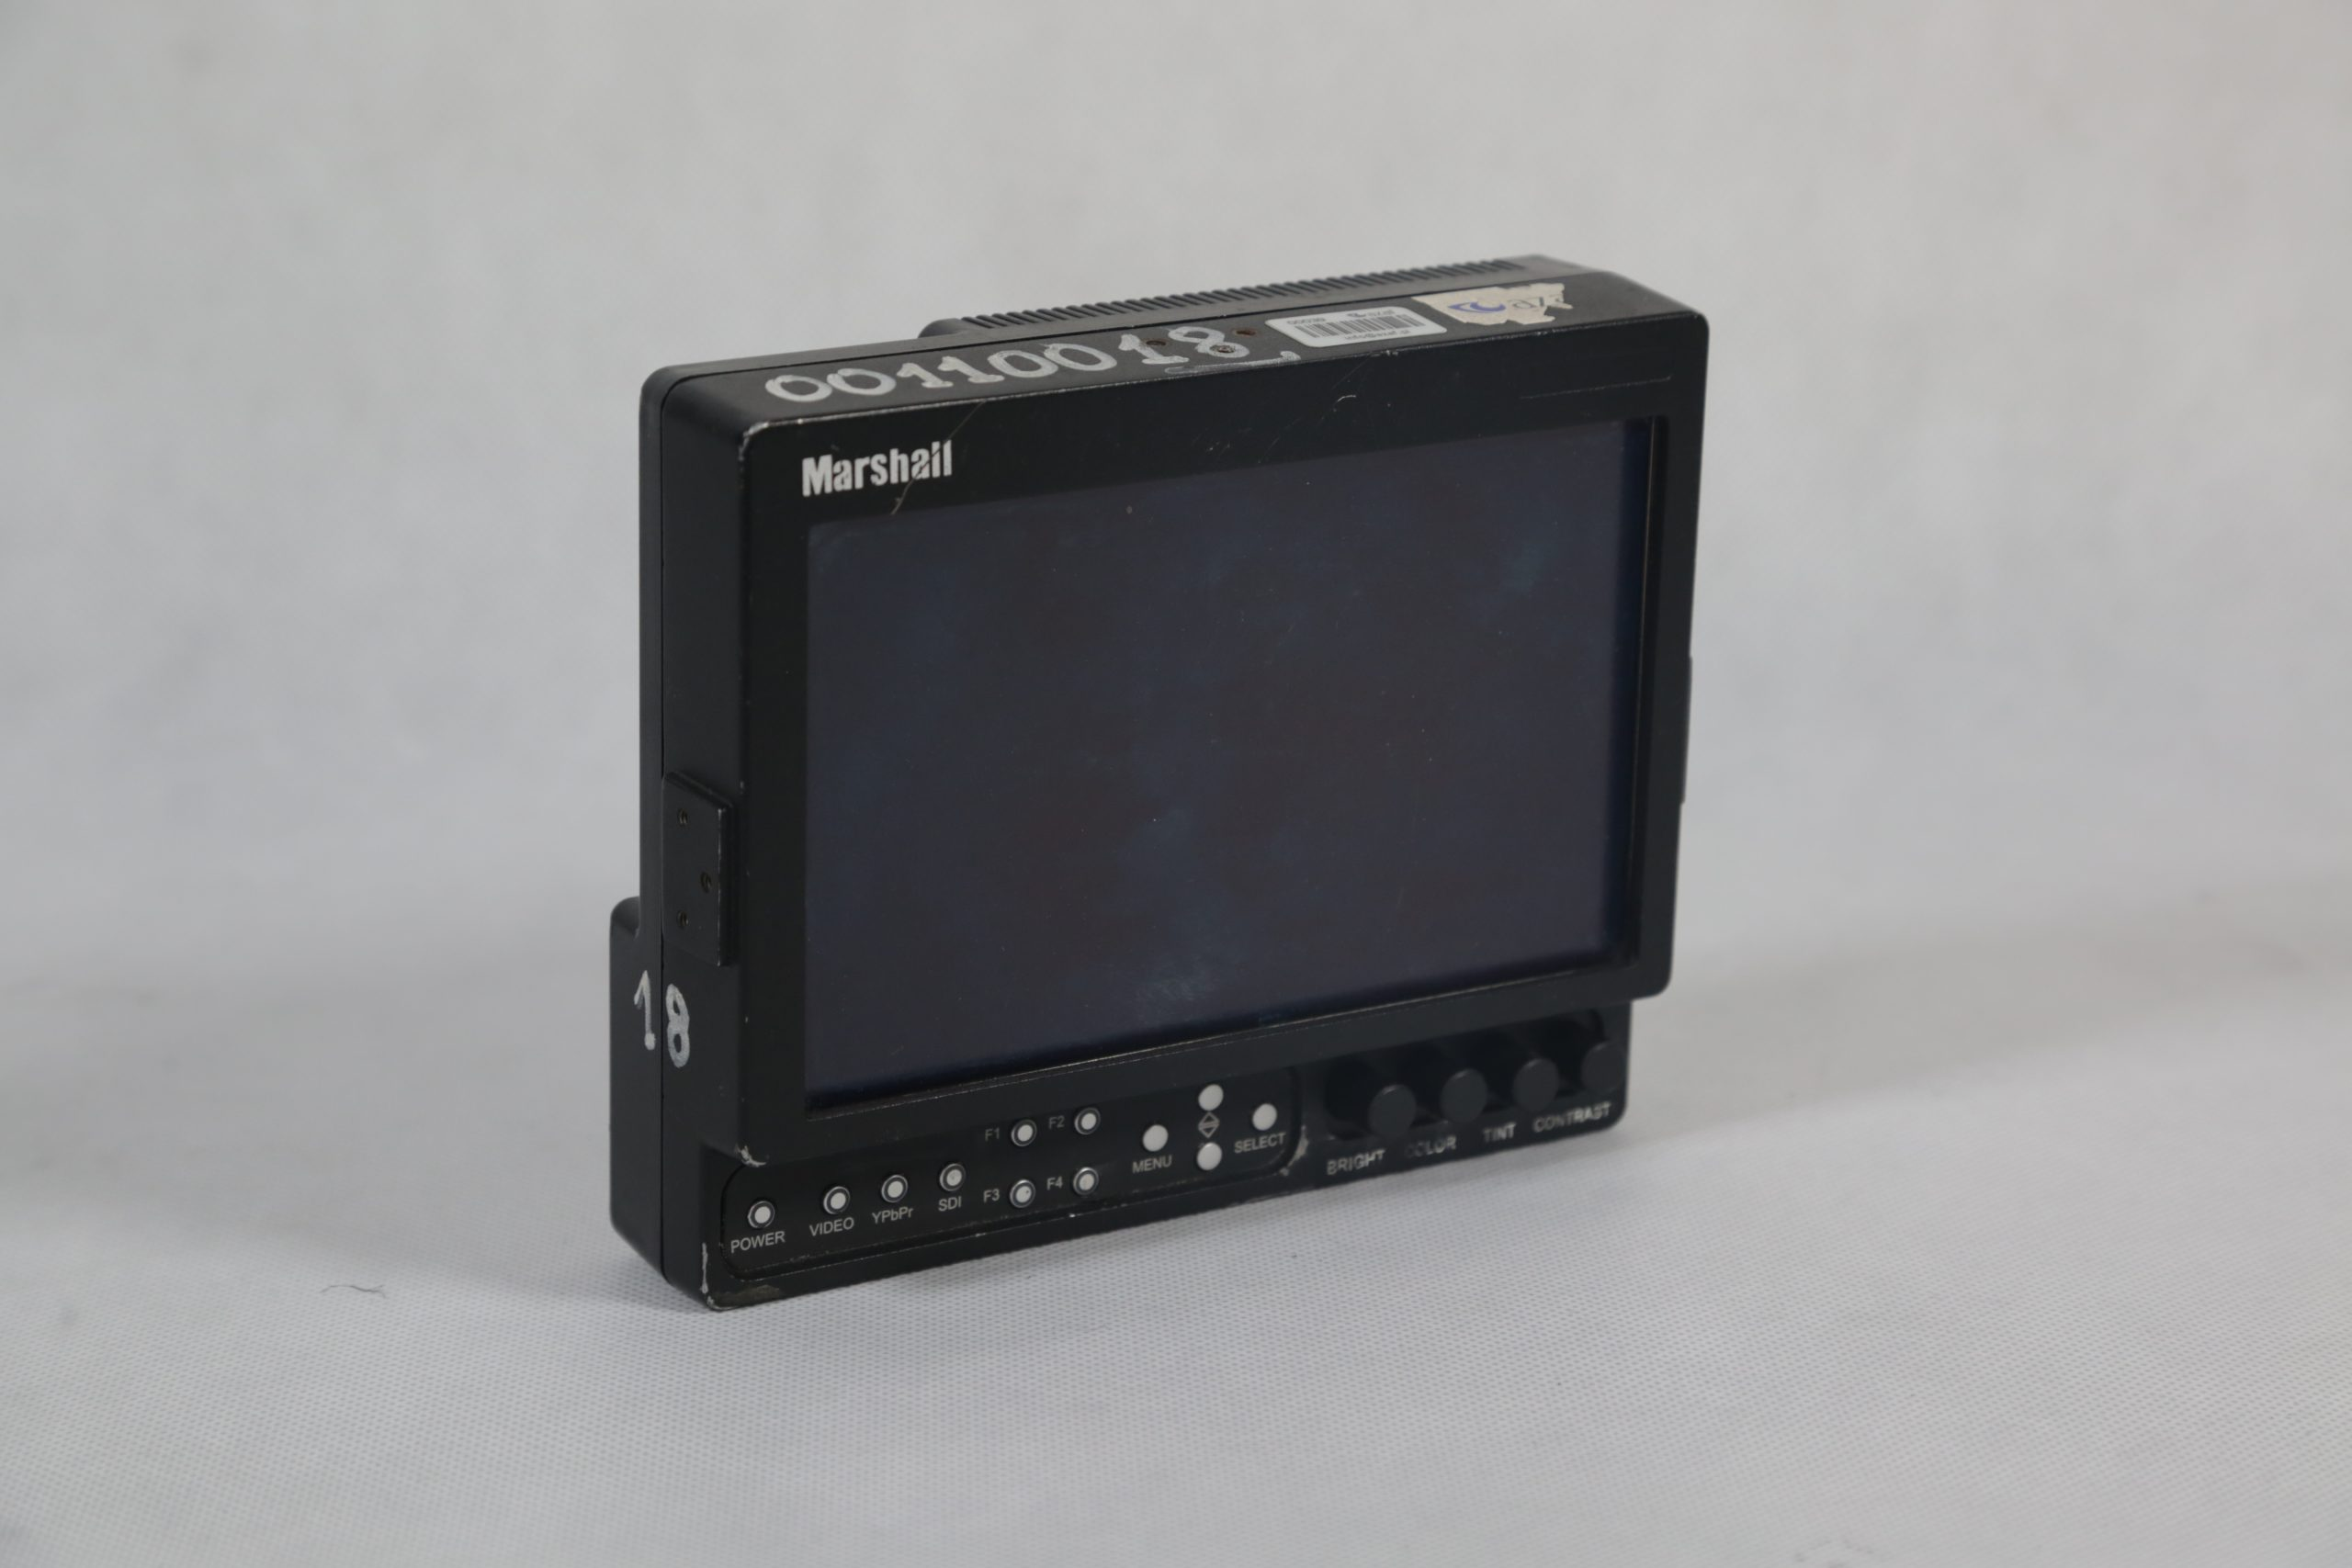 Marshall 7cali V-LCD70XHB-3G SDI